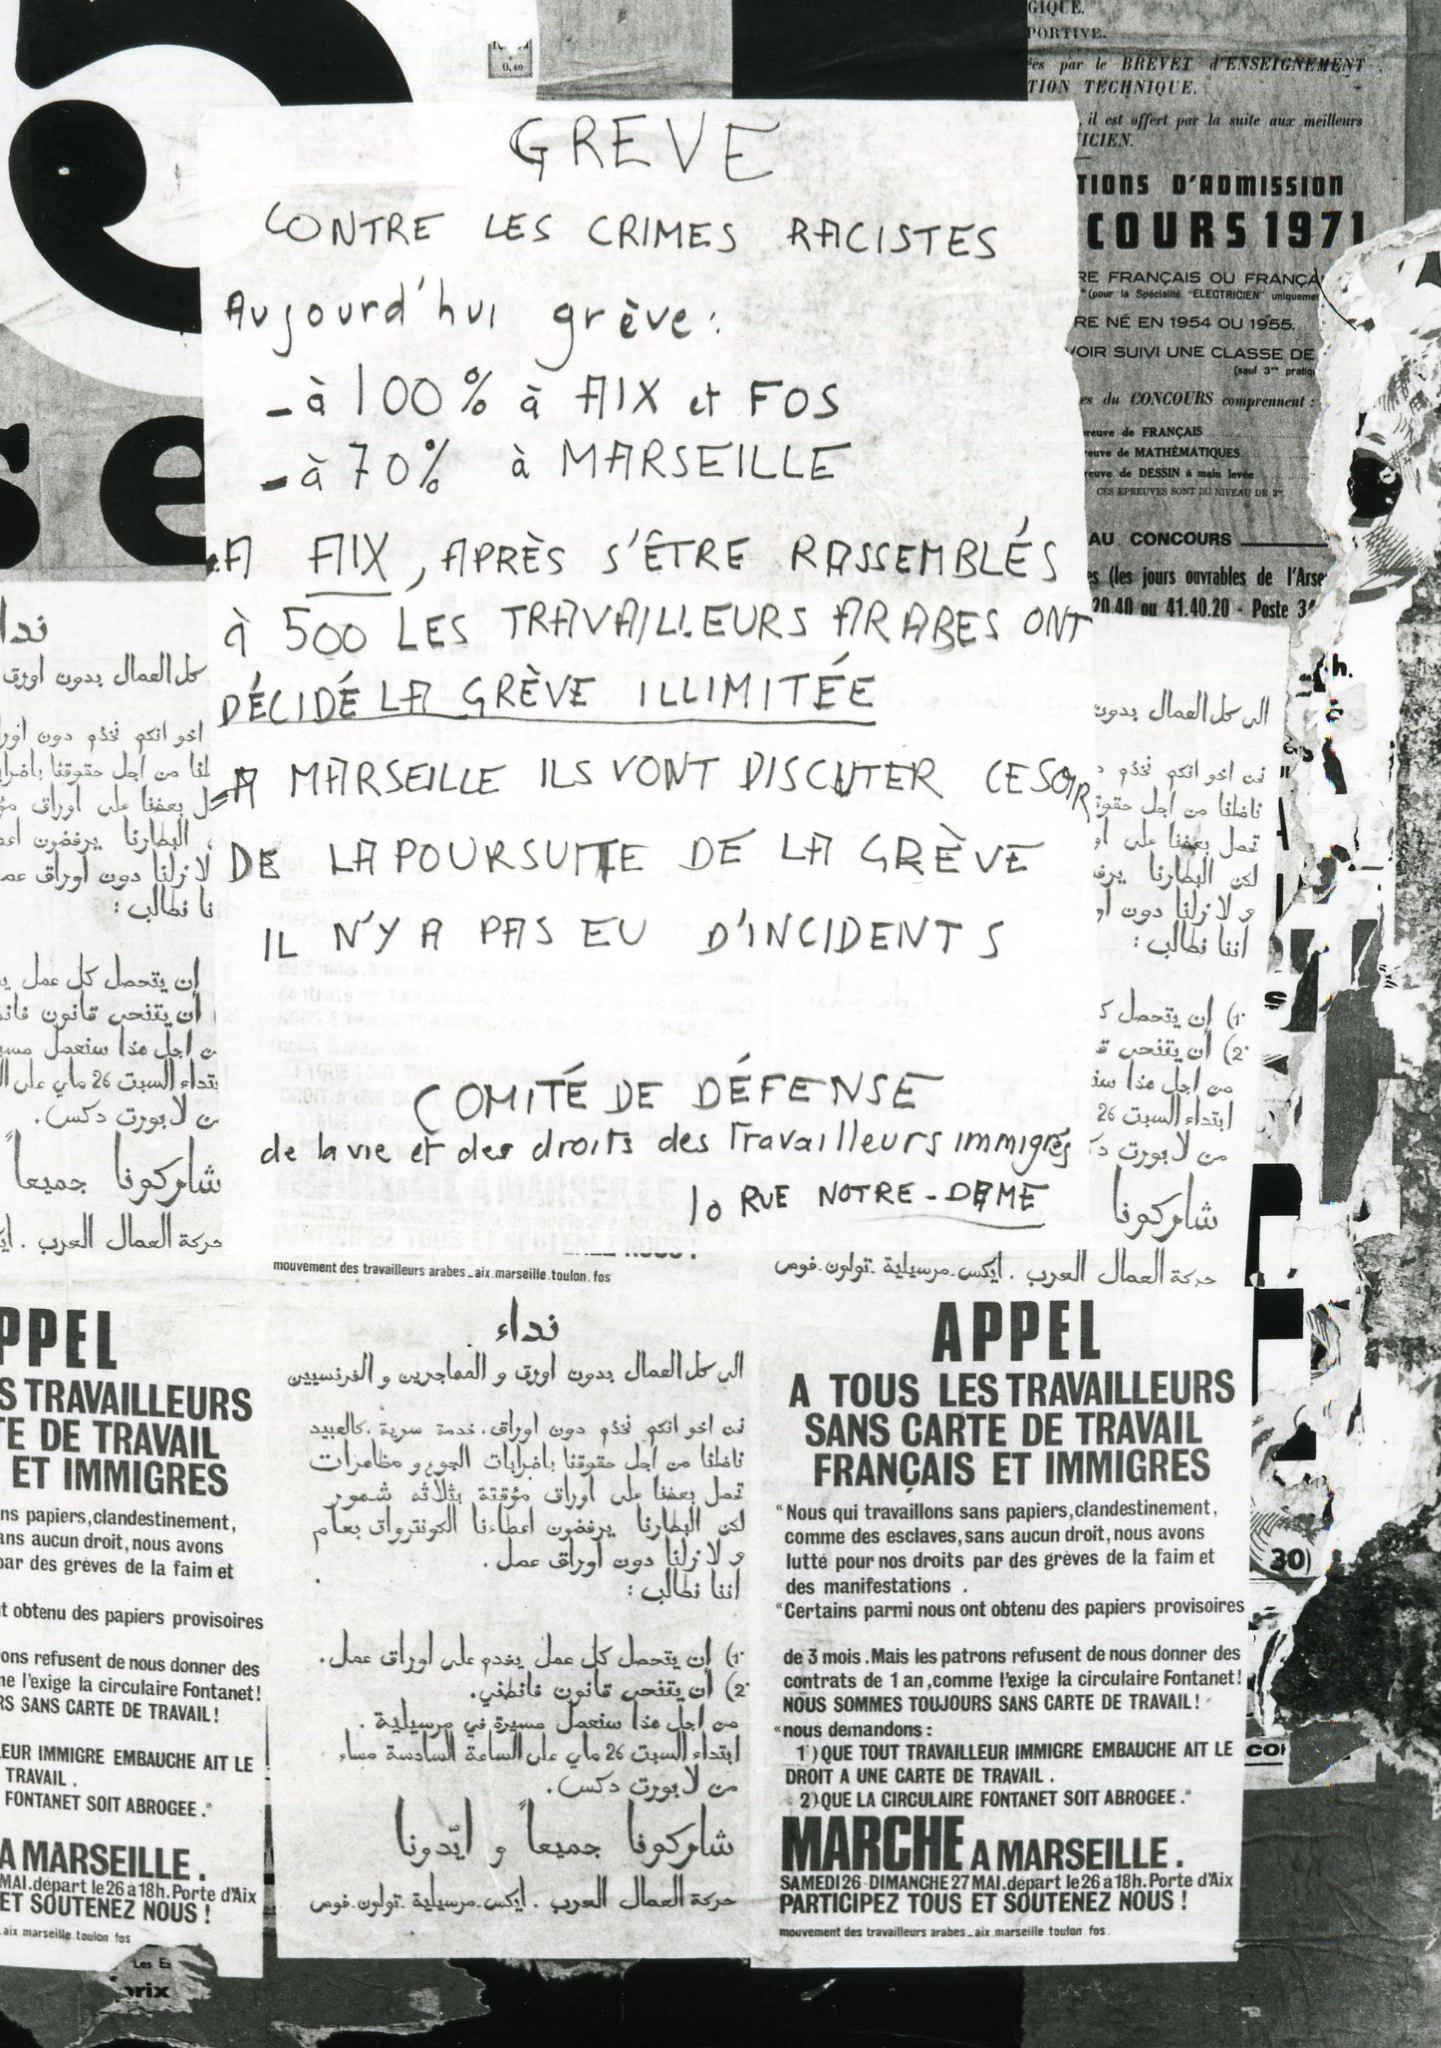 Affiches du Mouvement des travailleurs arabes, septembre 1973.